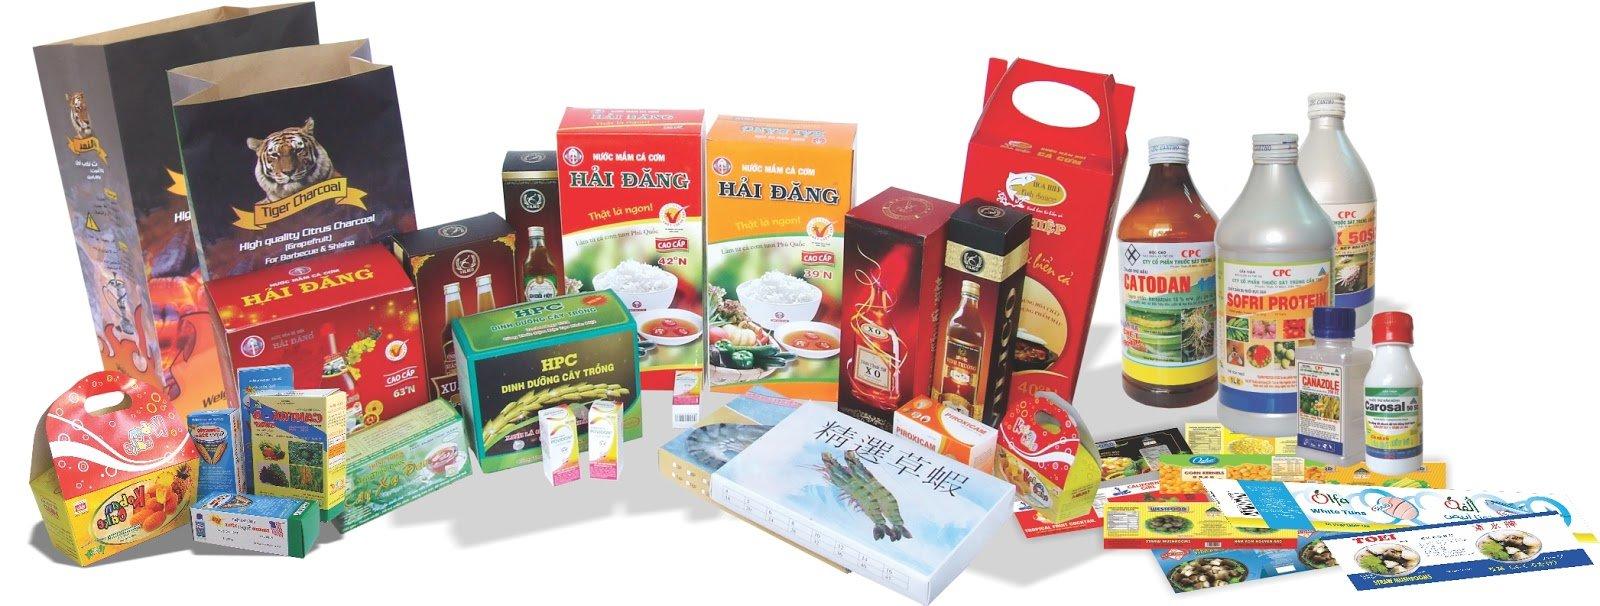 Các doanh nghiệp cần nâng cao chất lượng in ấn và đóng gói sản phẩm